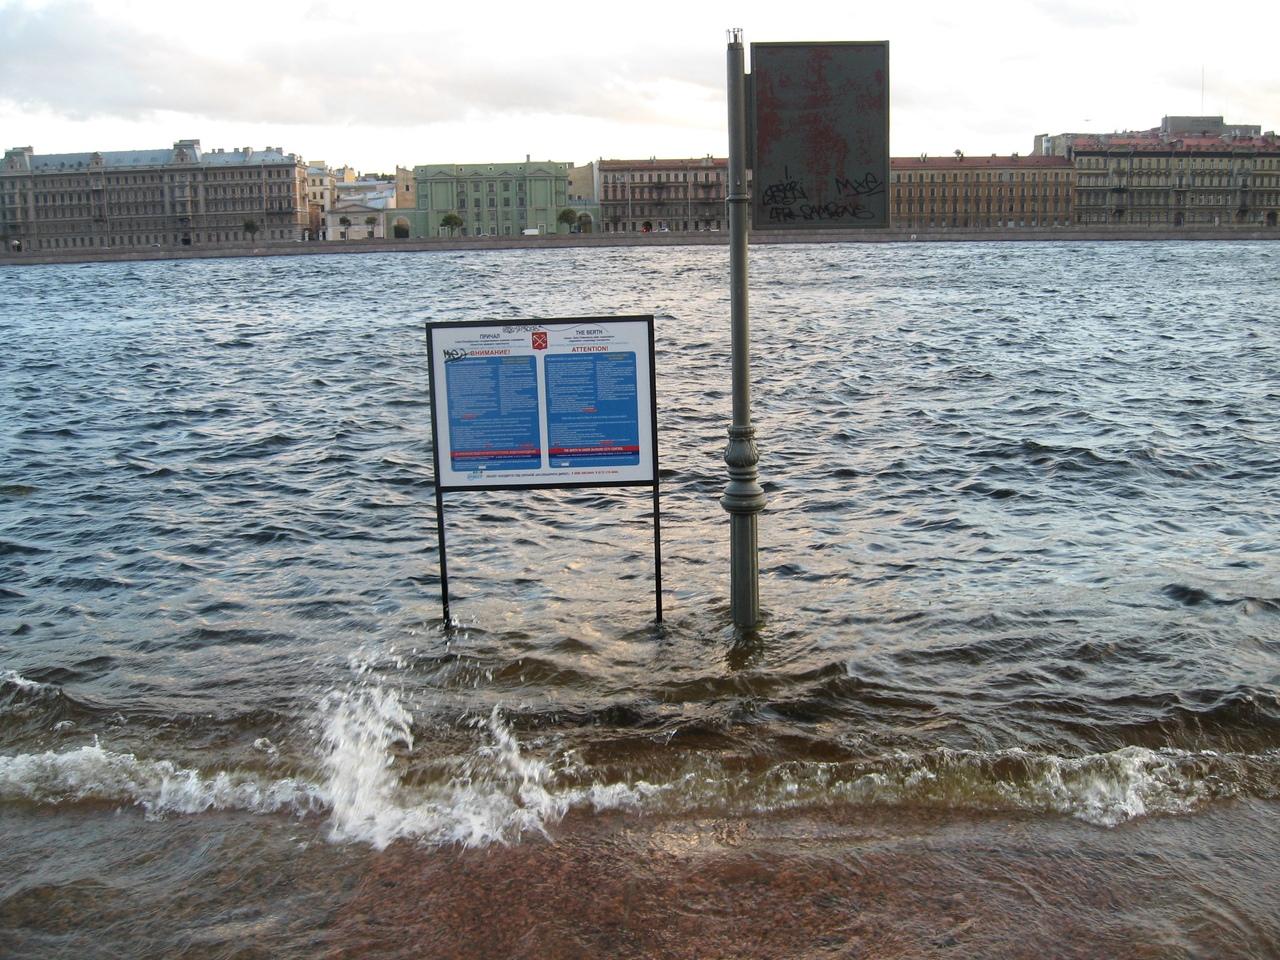 Петербург. Как рождаются наводнения. Подъем воды 12 сентября 2018 года, несколько моих фото.